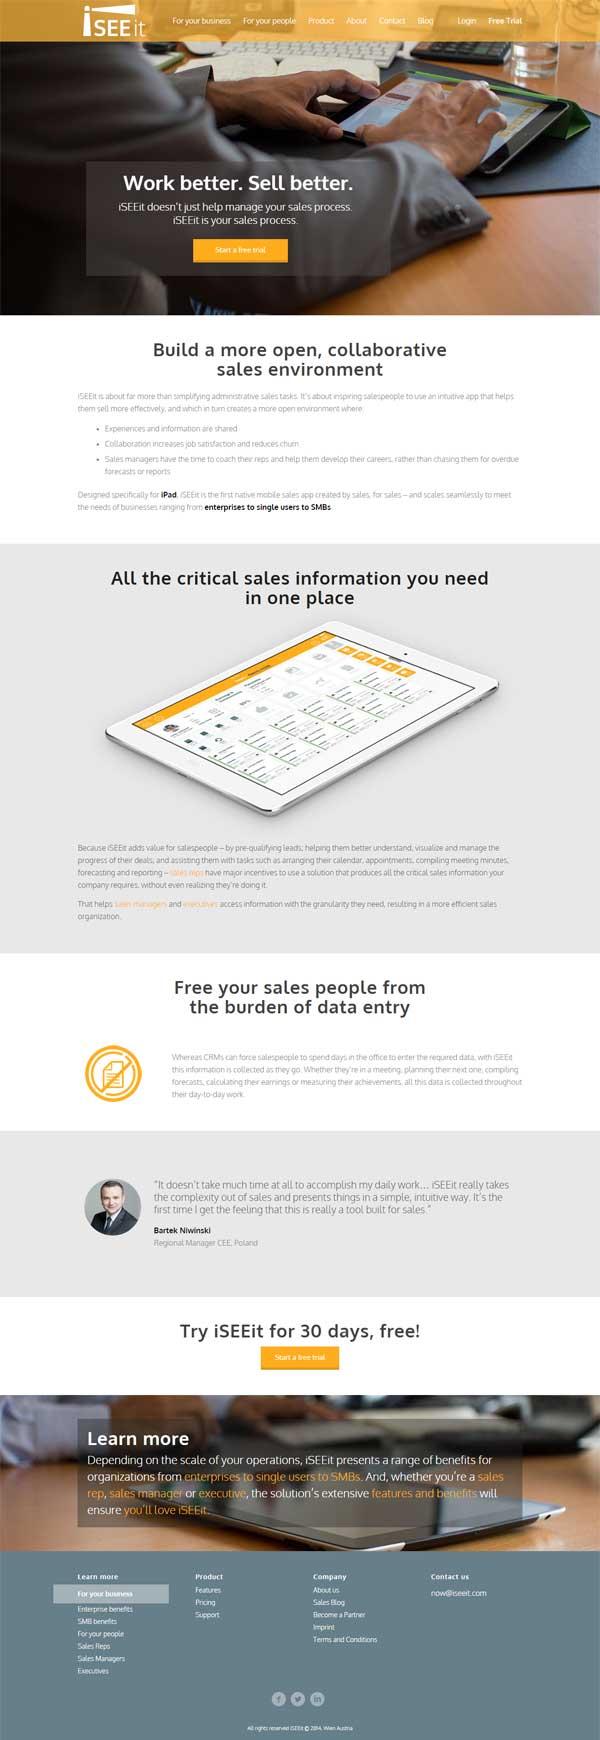 mobile Webdesign für die wiener Firma iSEEit